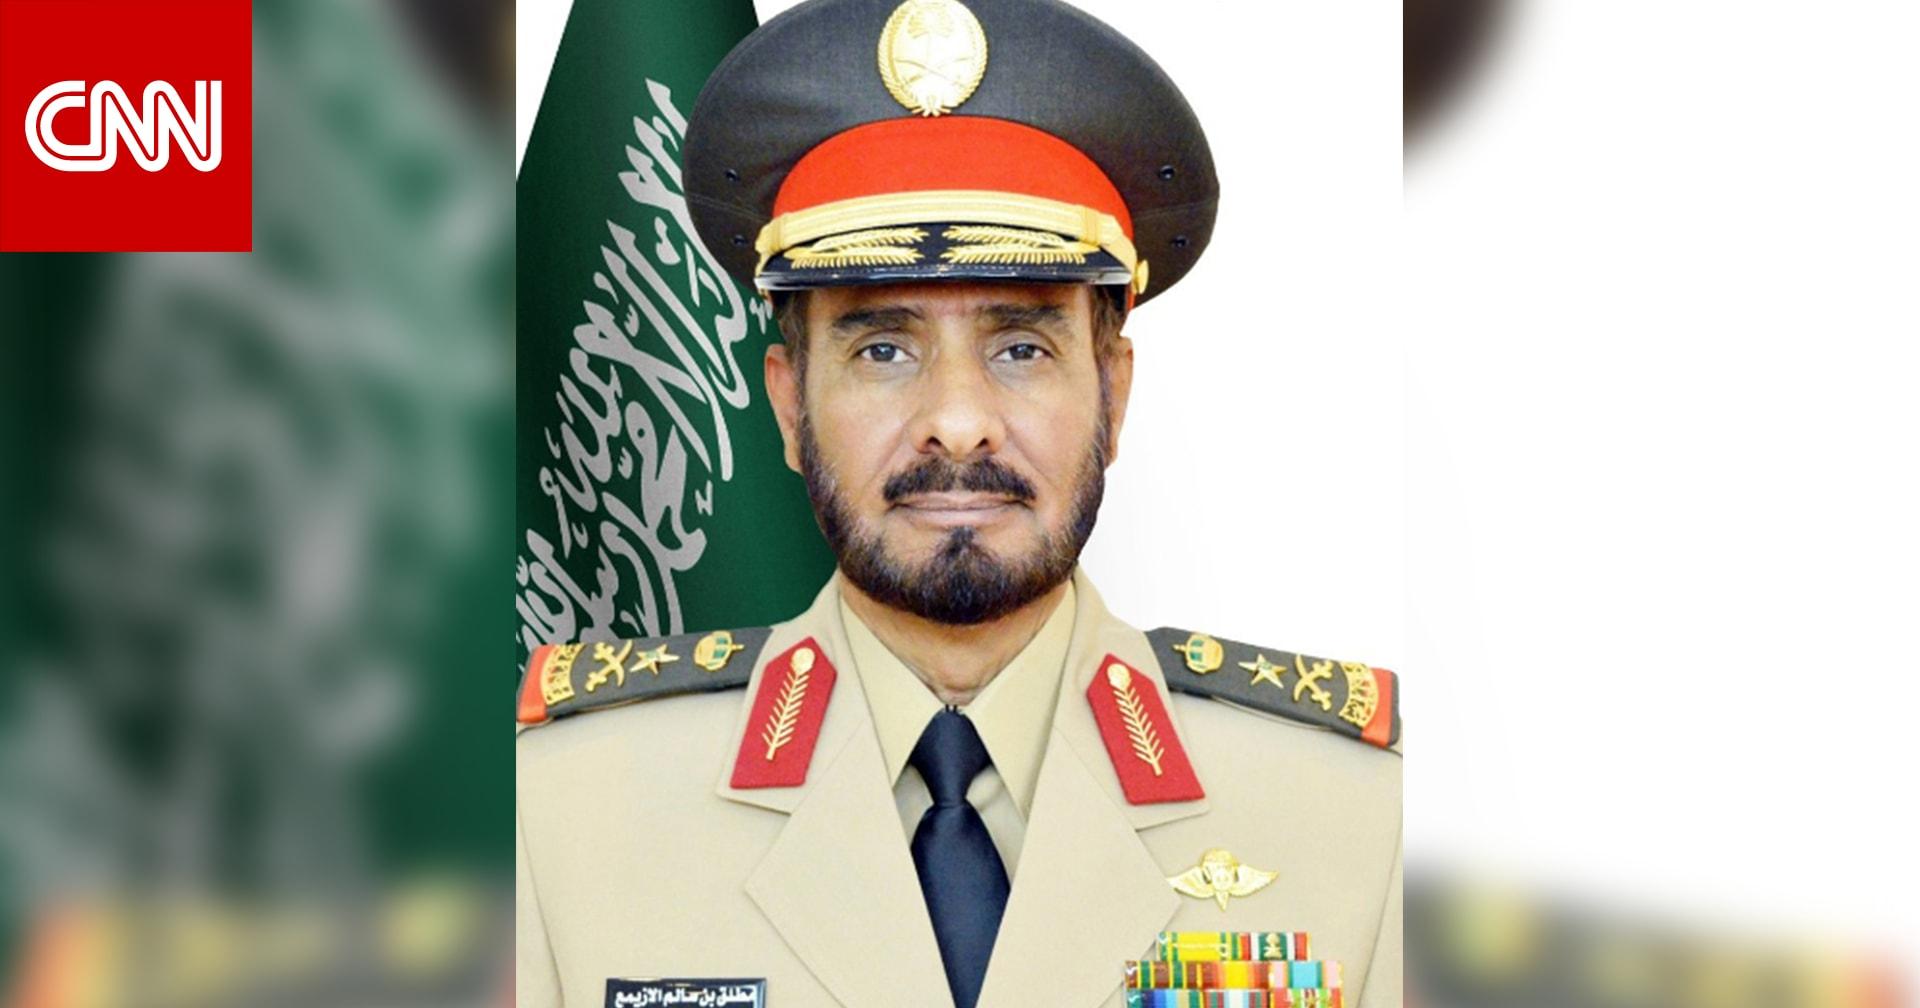 """شارك بحرب الكويت وقاد """"درع الجزيرة"""".. من هو مطلق الازيمع القائد الجديد للقوات المشتركة السعودية؟"""